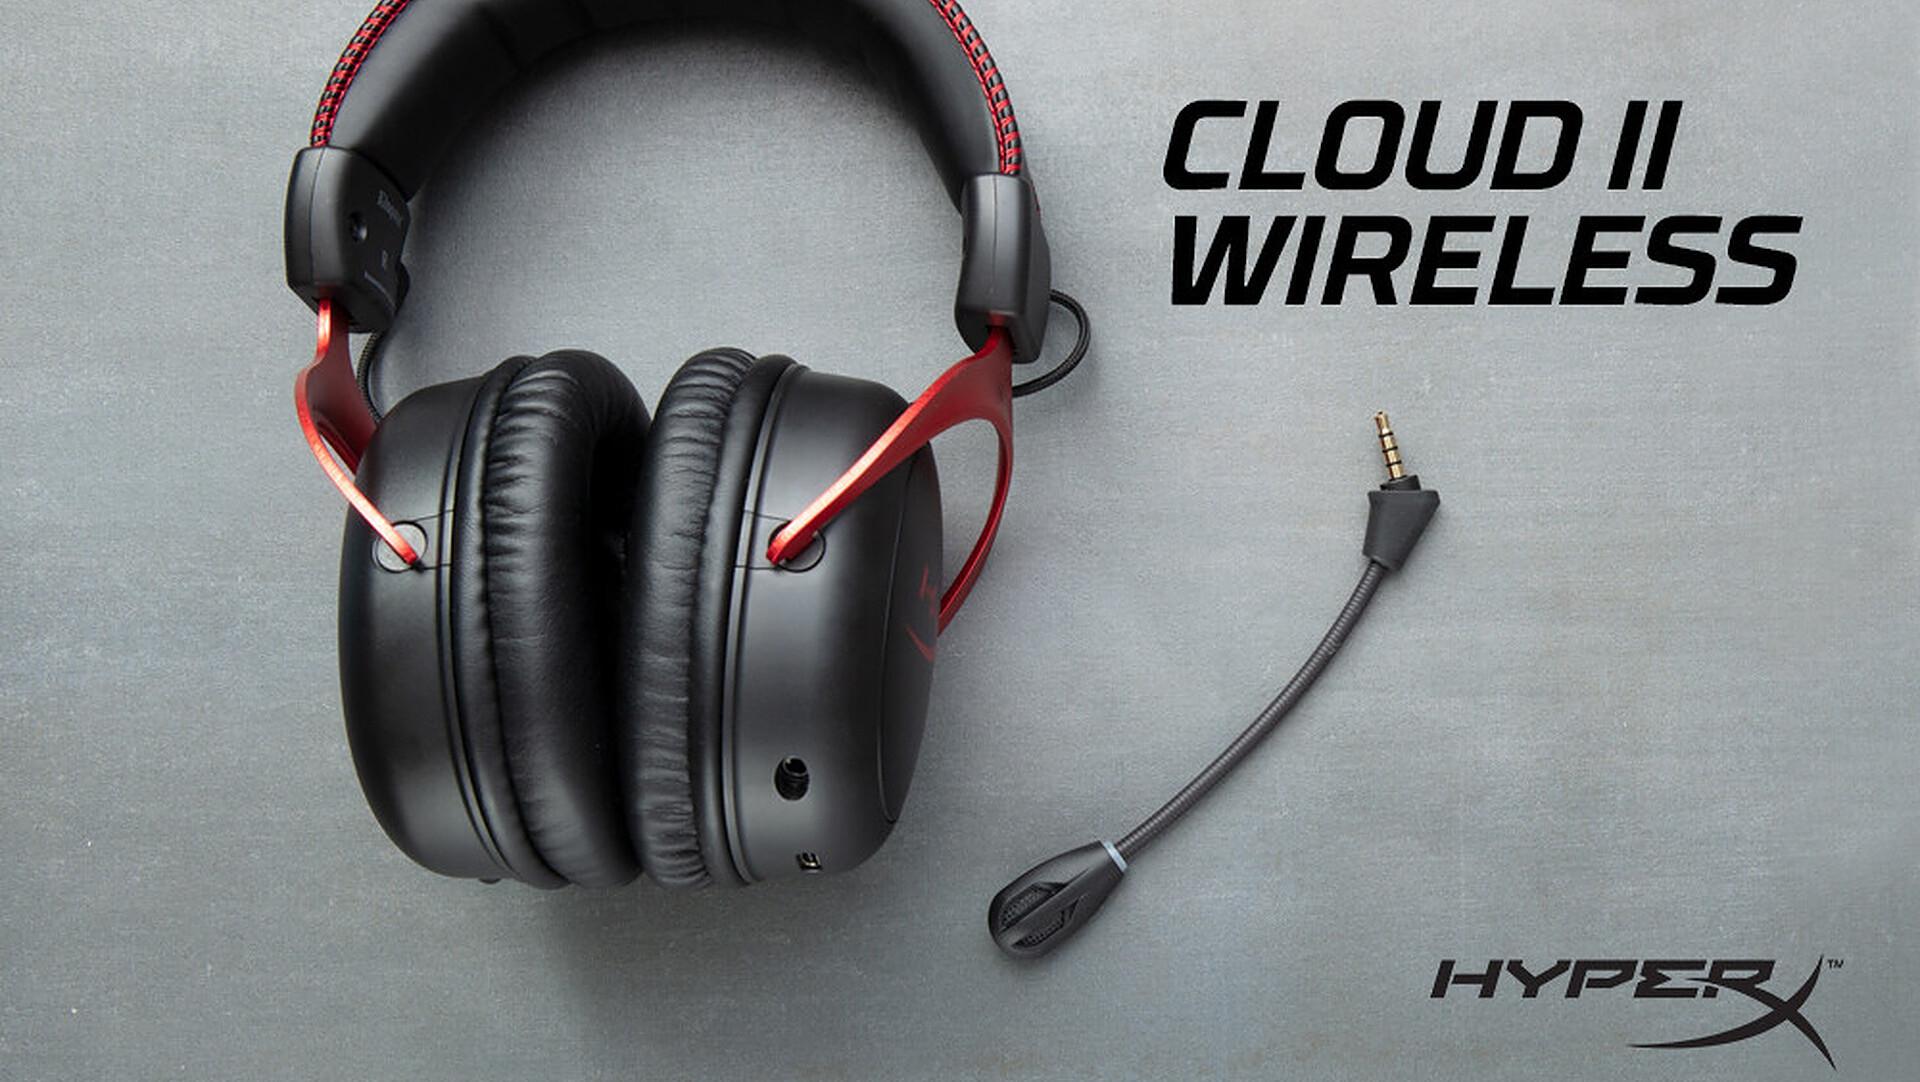 CES21 : شركة HyperX تعرض مجموعة منتجاتها الجديدة مع توافر أخرى عالميا